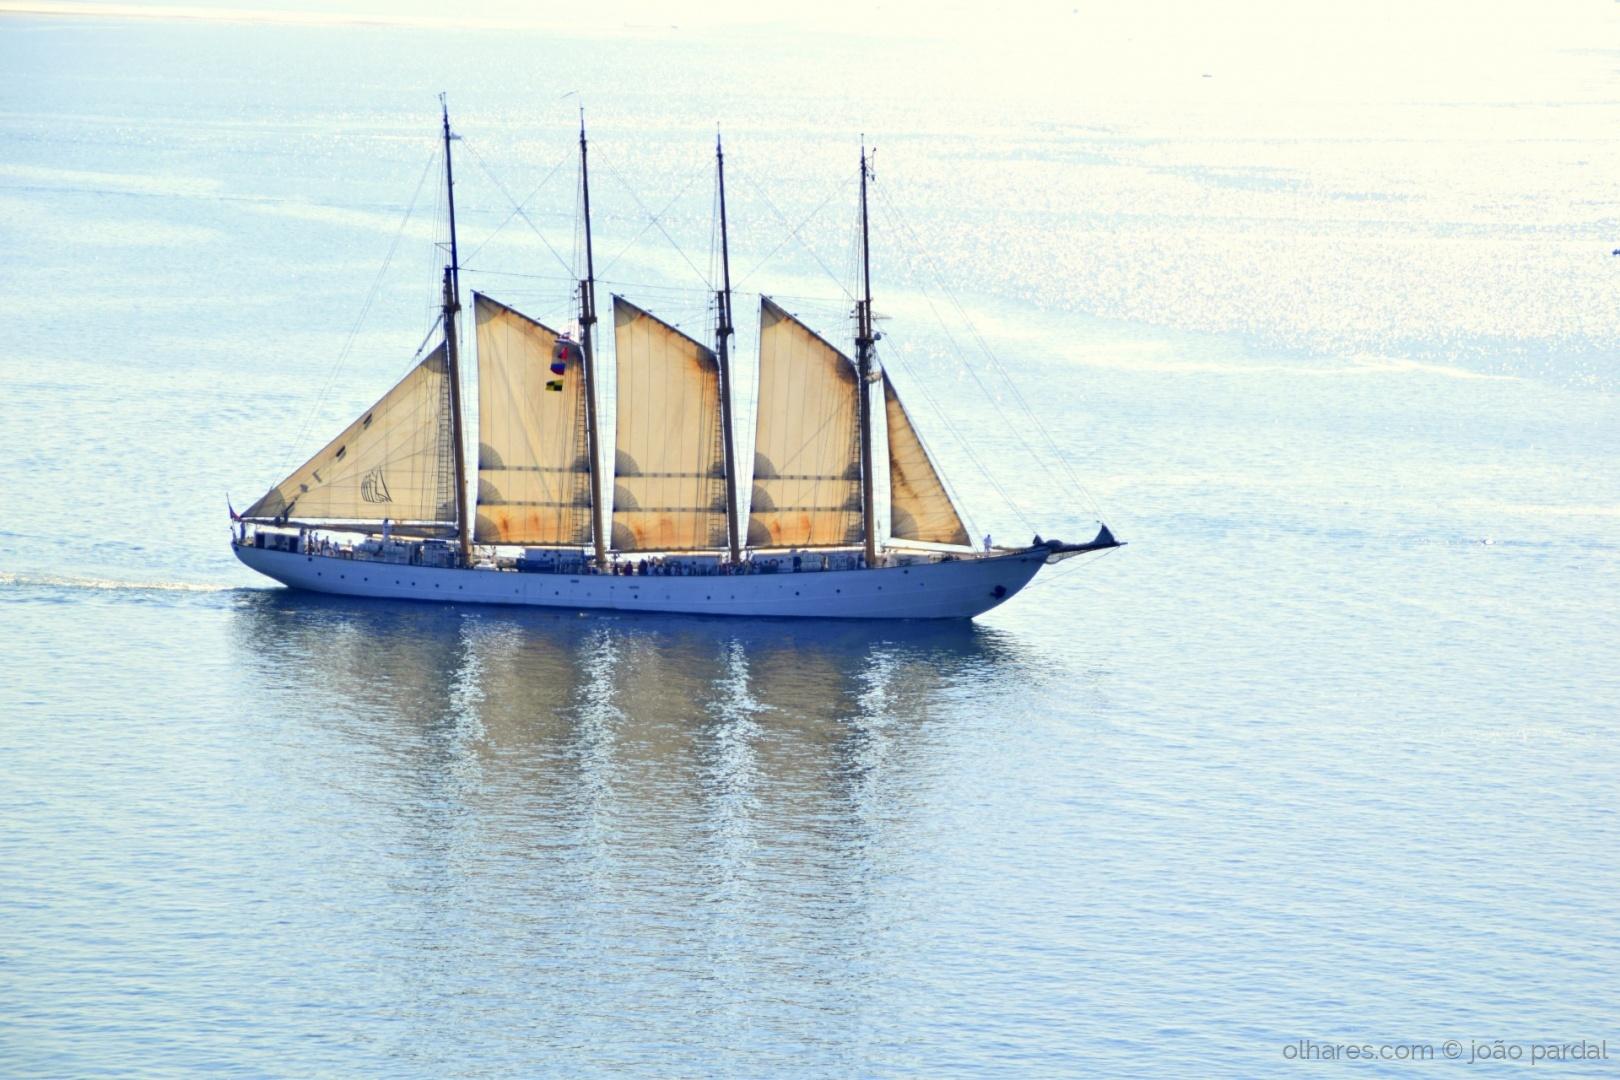 História/O Criola - Semana do Mar